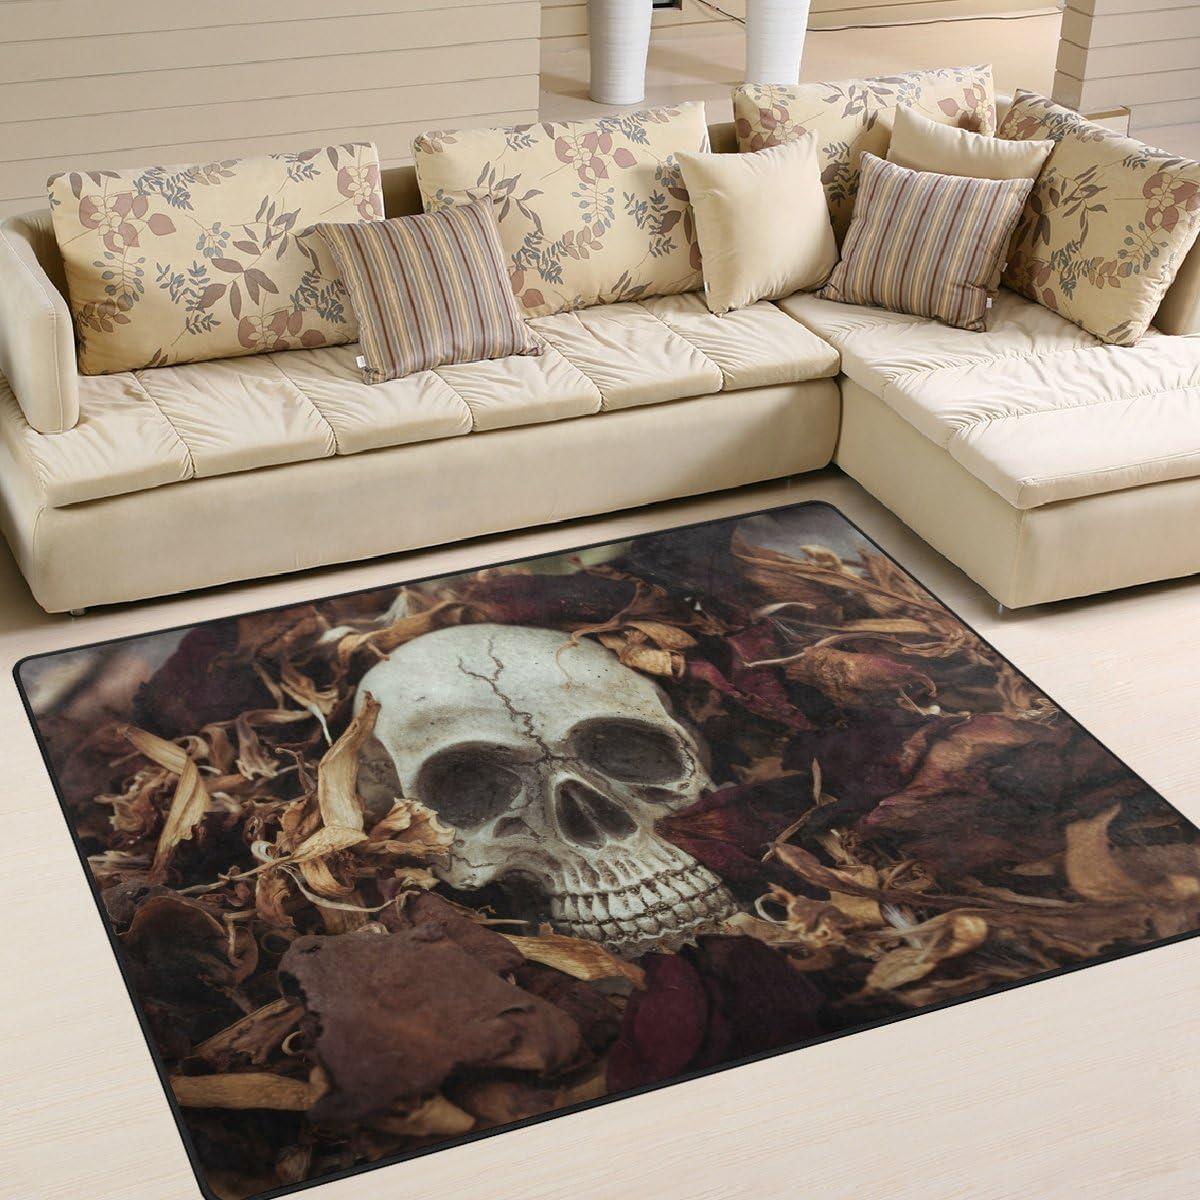 Great interest ALAZA Vintage Skull Knife Leaf Area Rug for Max 51% OFF Mat Living Rugs Room